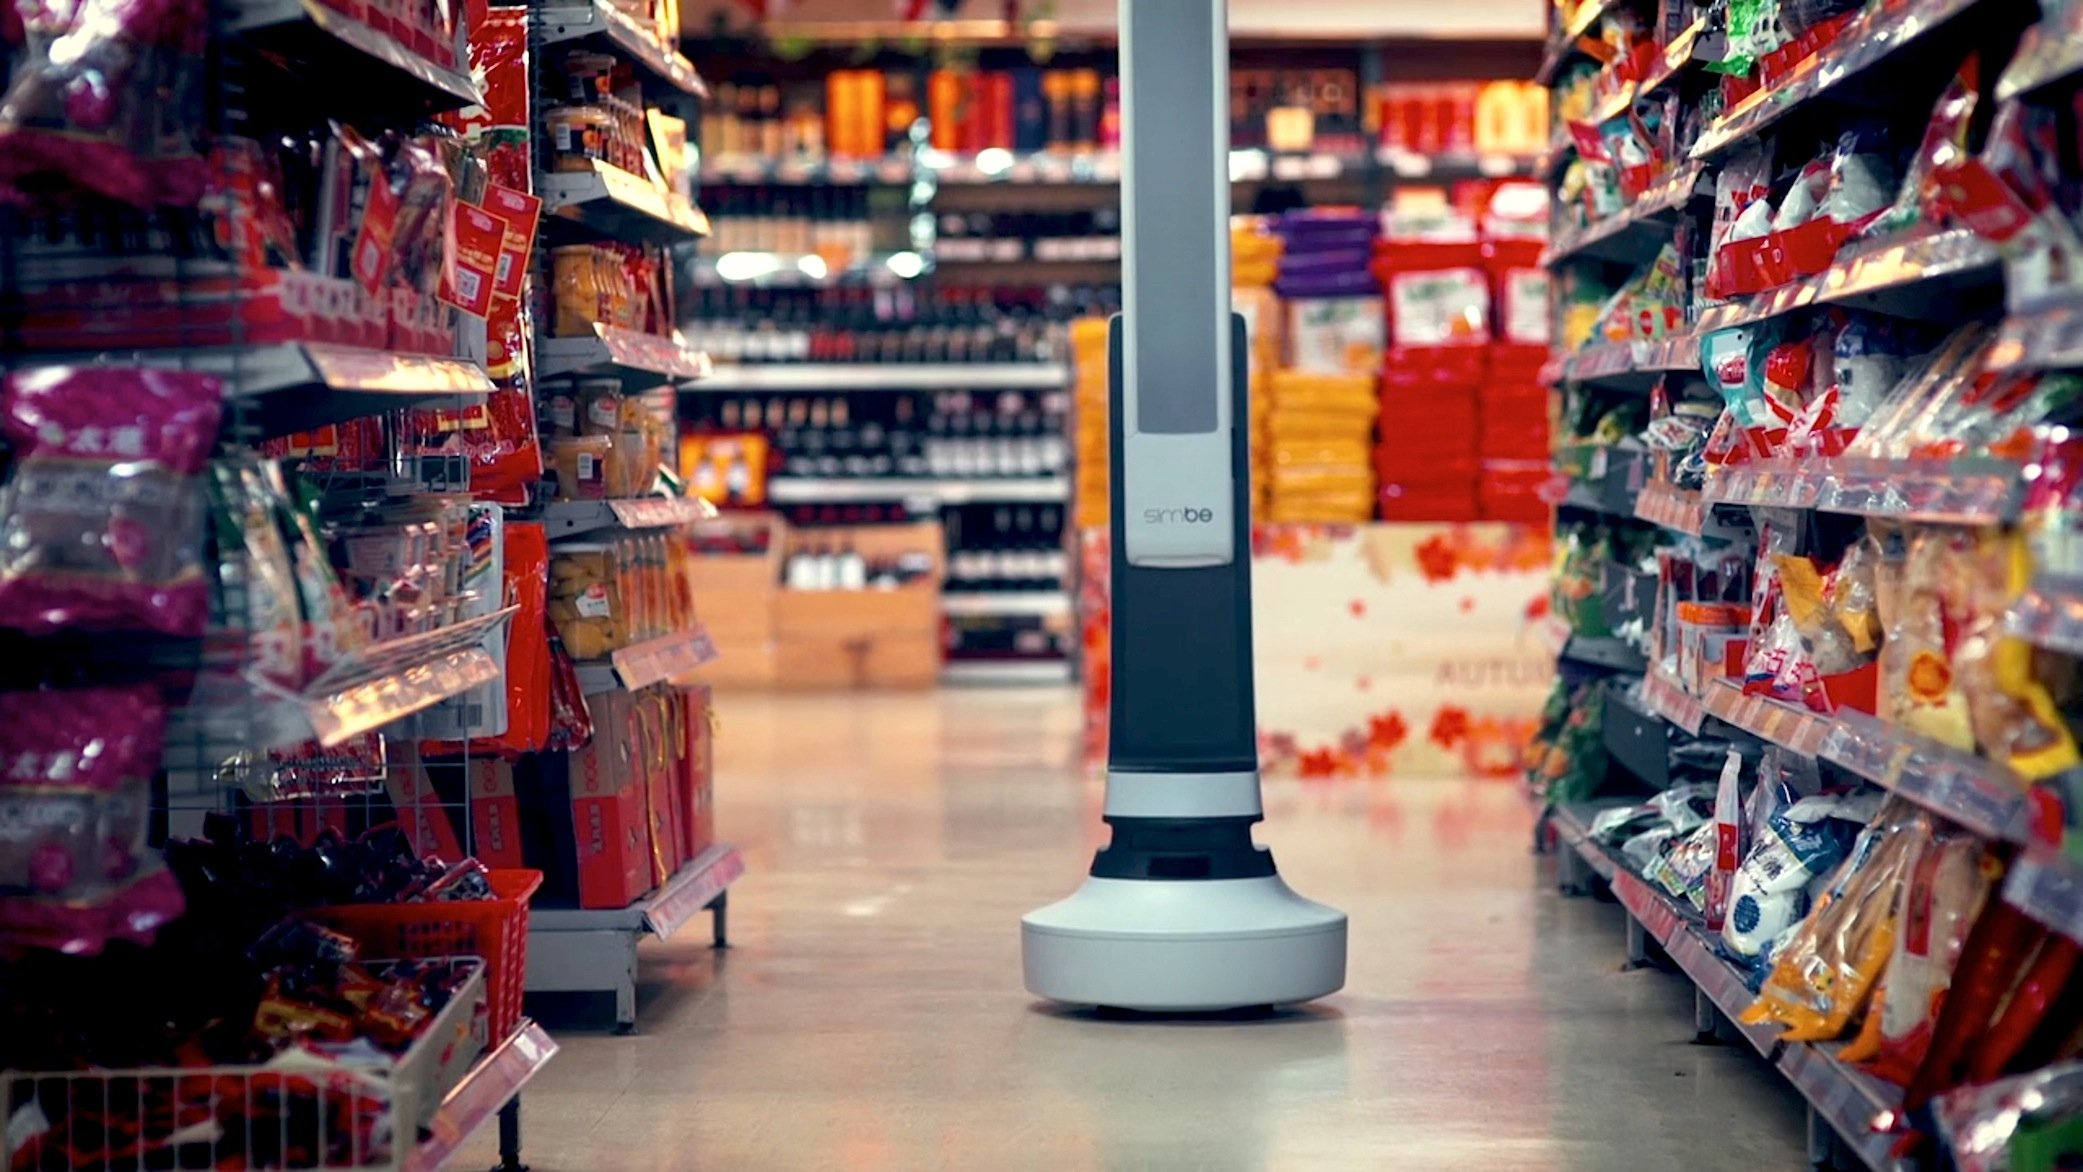 Bis zu 15.000 Artikel kann der Roboter Tally pro Stunde scannen. Die Daten werden an das Data-Warehouse-System des Supermarktes übermittelt. Die Mitarbeiter erhalten sofort Nachricht, welche Produkte nachgefüllt werden müssen.